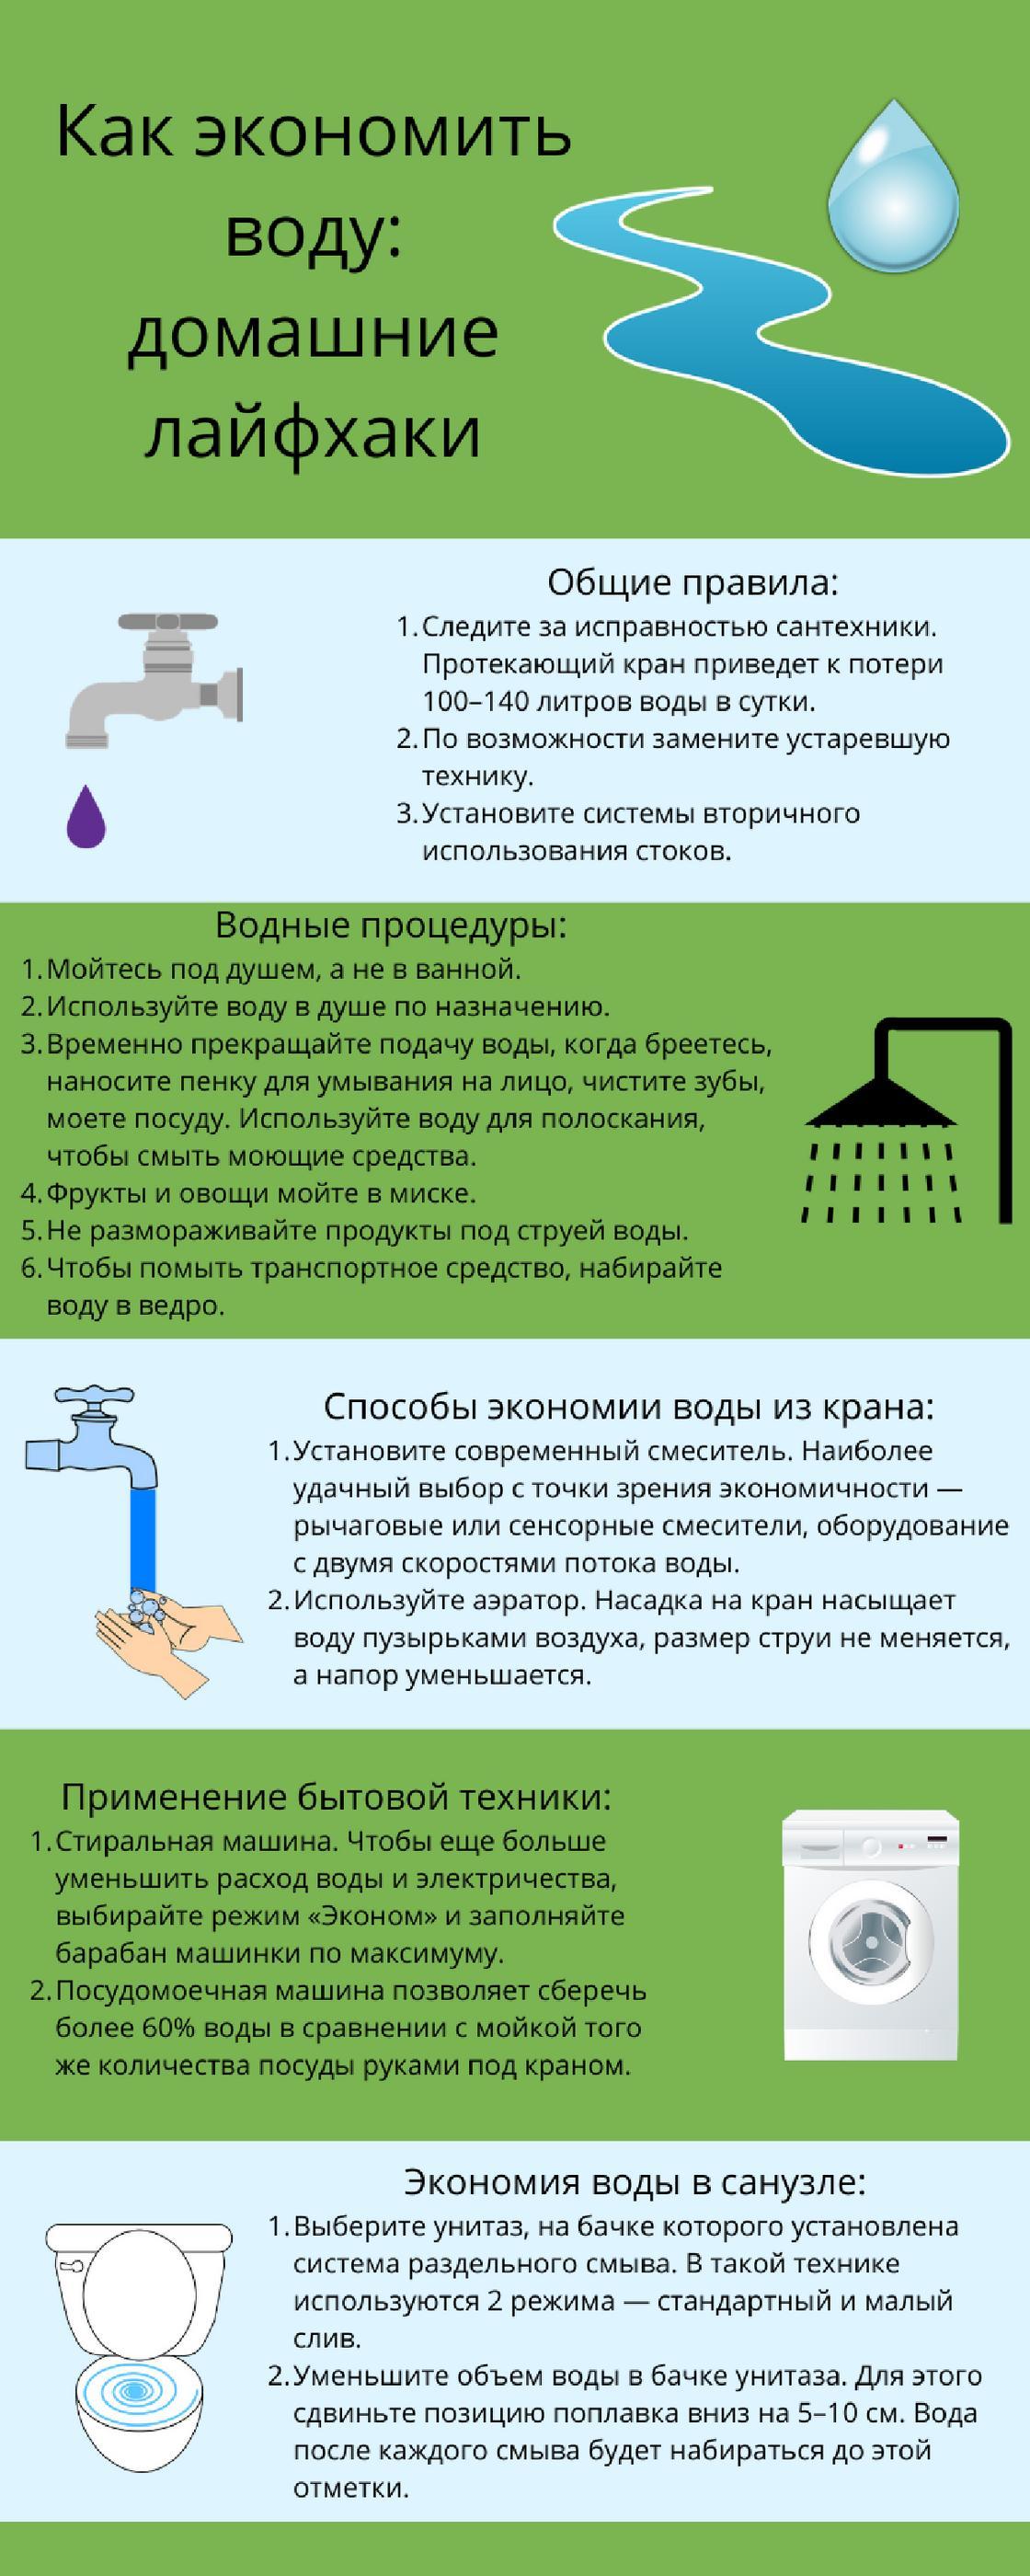 Инфографика: как экономить воду